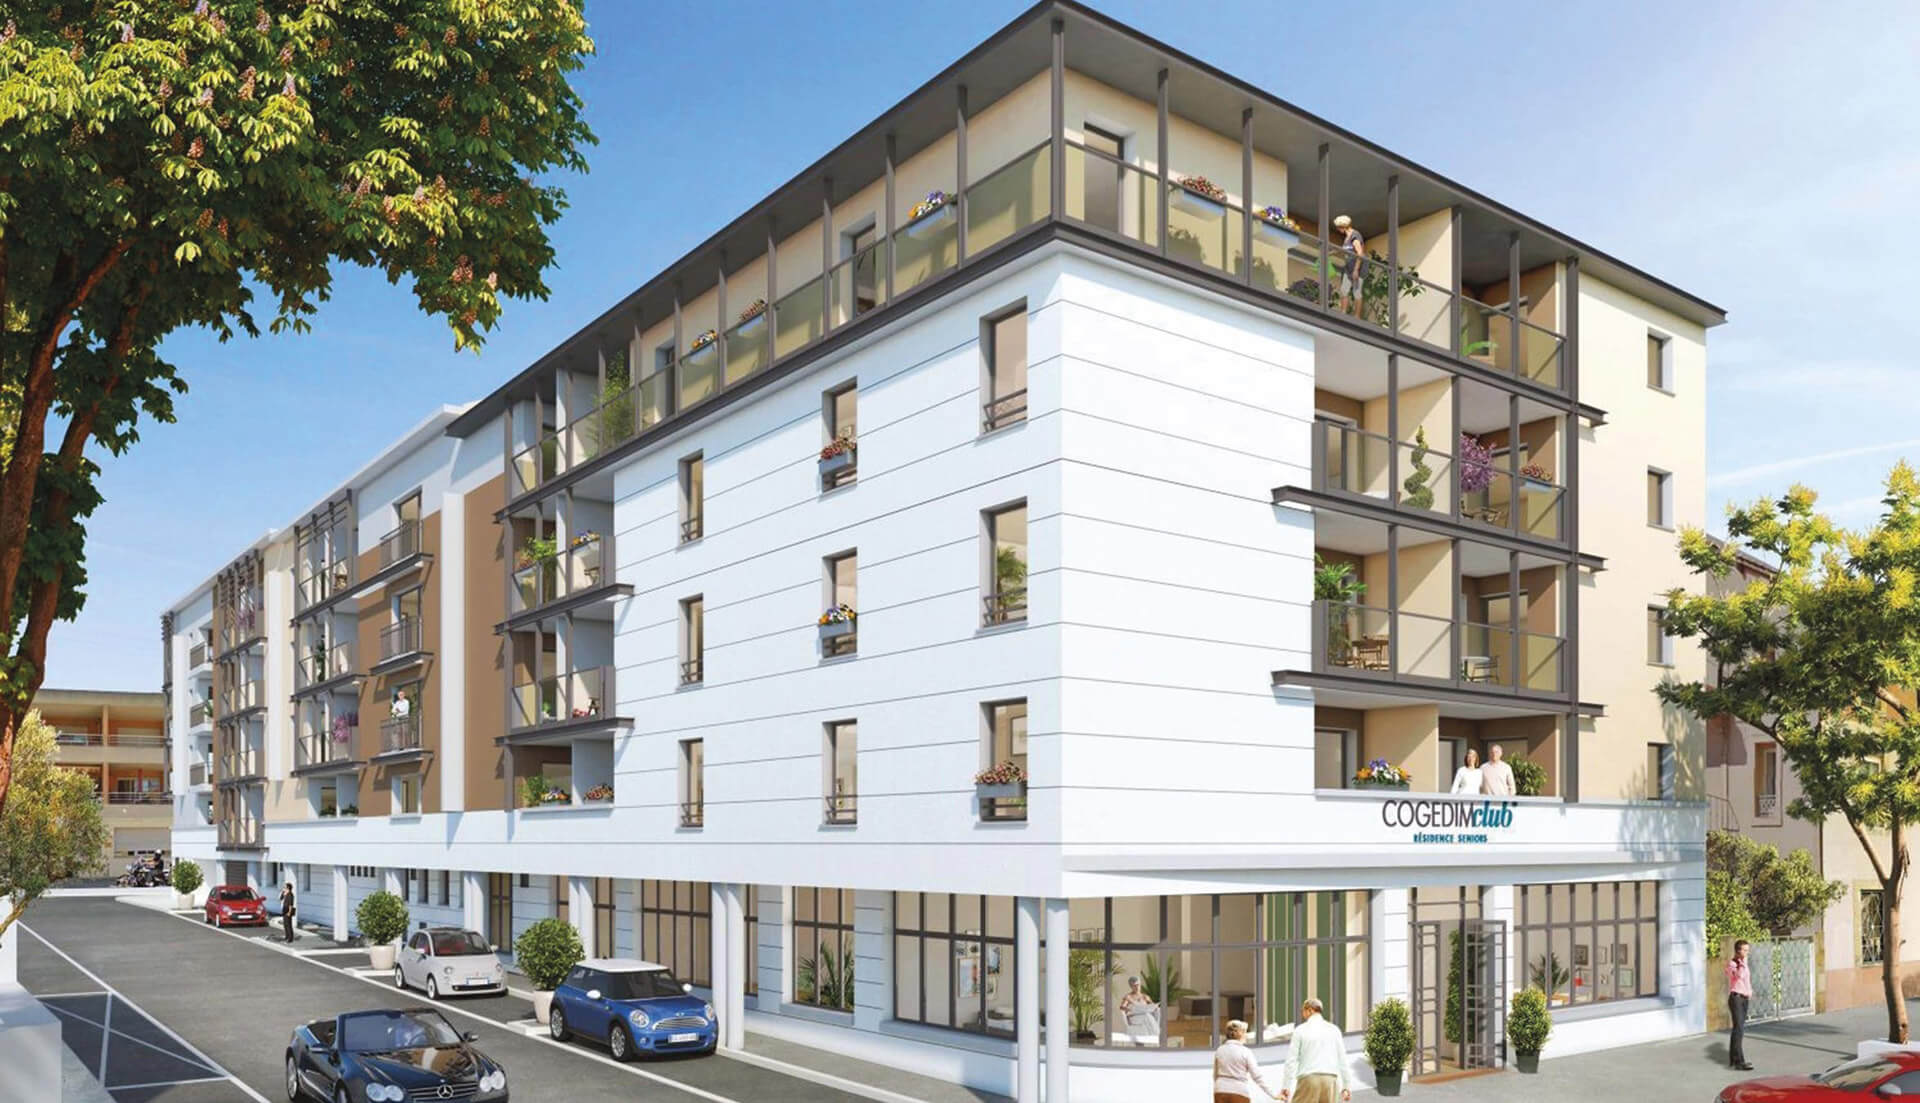 Villa salonia cogedim club programme immobilier neuf - Programme immobilier salon de provence ...